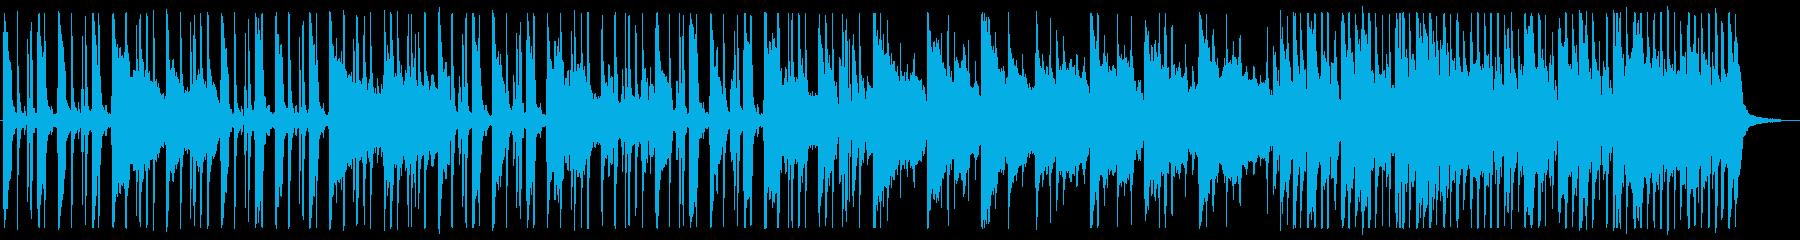 爽やか/優しさ/R&B_No470_2の再生済みの波形